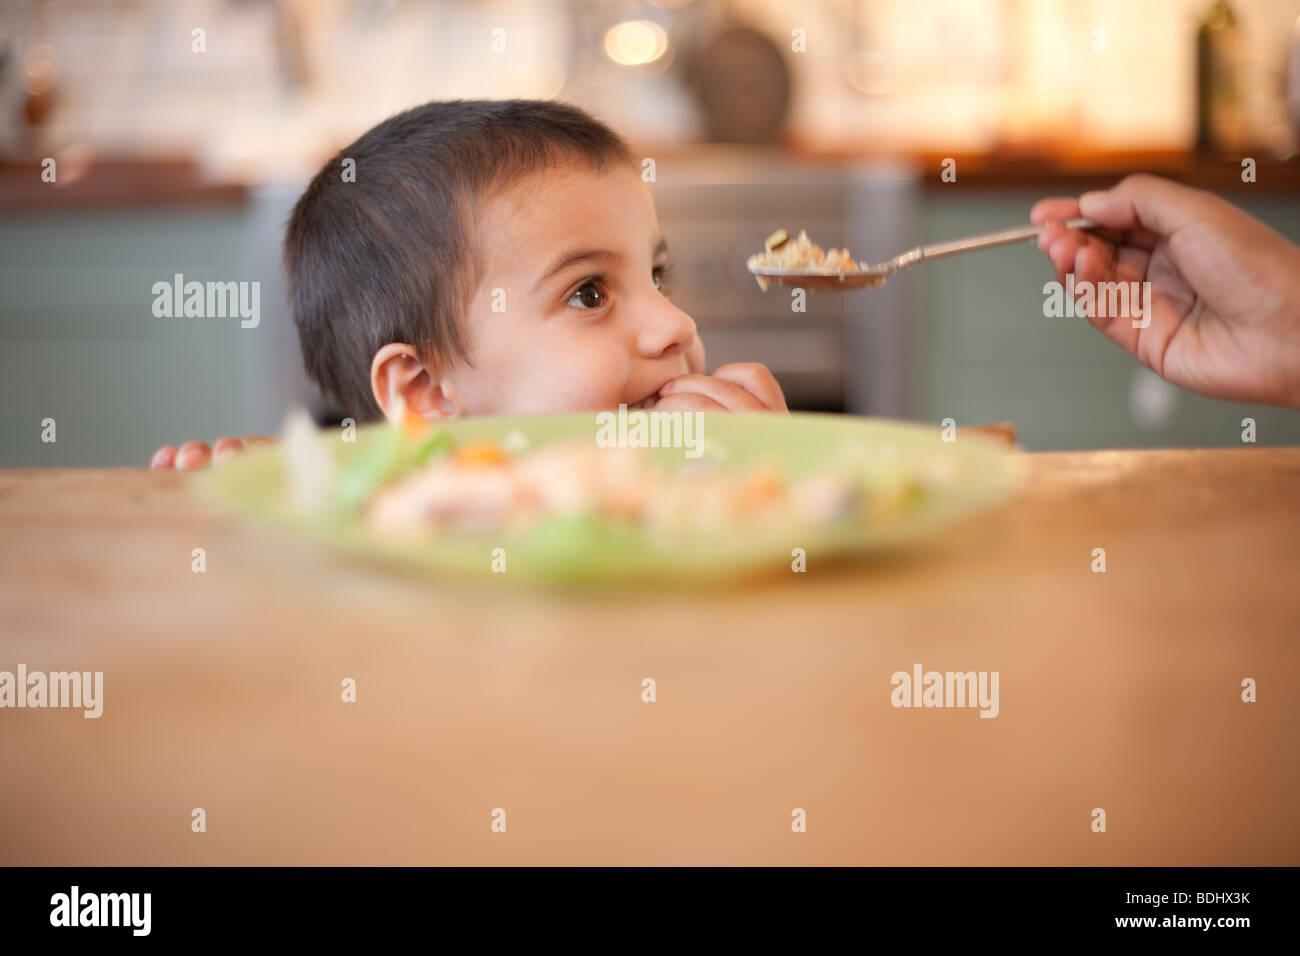 3 años de viejo muchacho sentado a la mesa con la mano la celebración de los alimentos sobre la cuchara Imagen De Stock